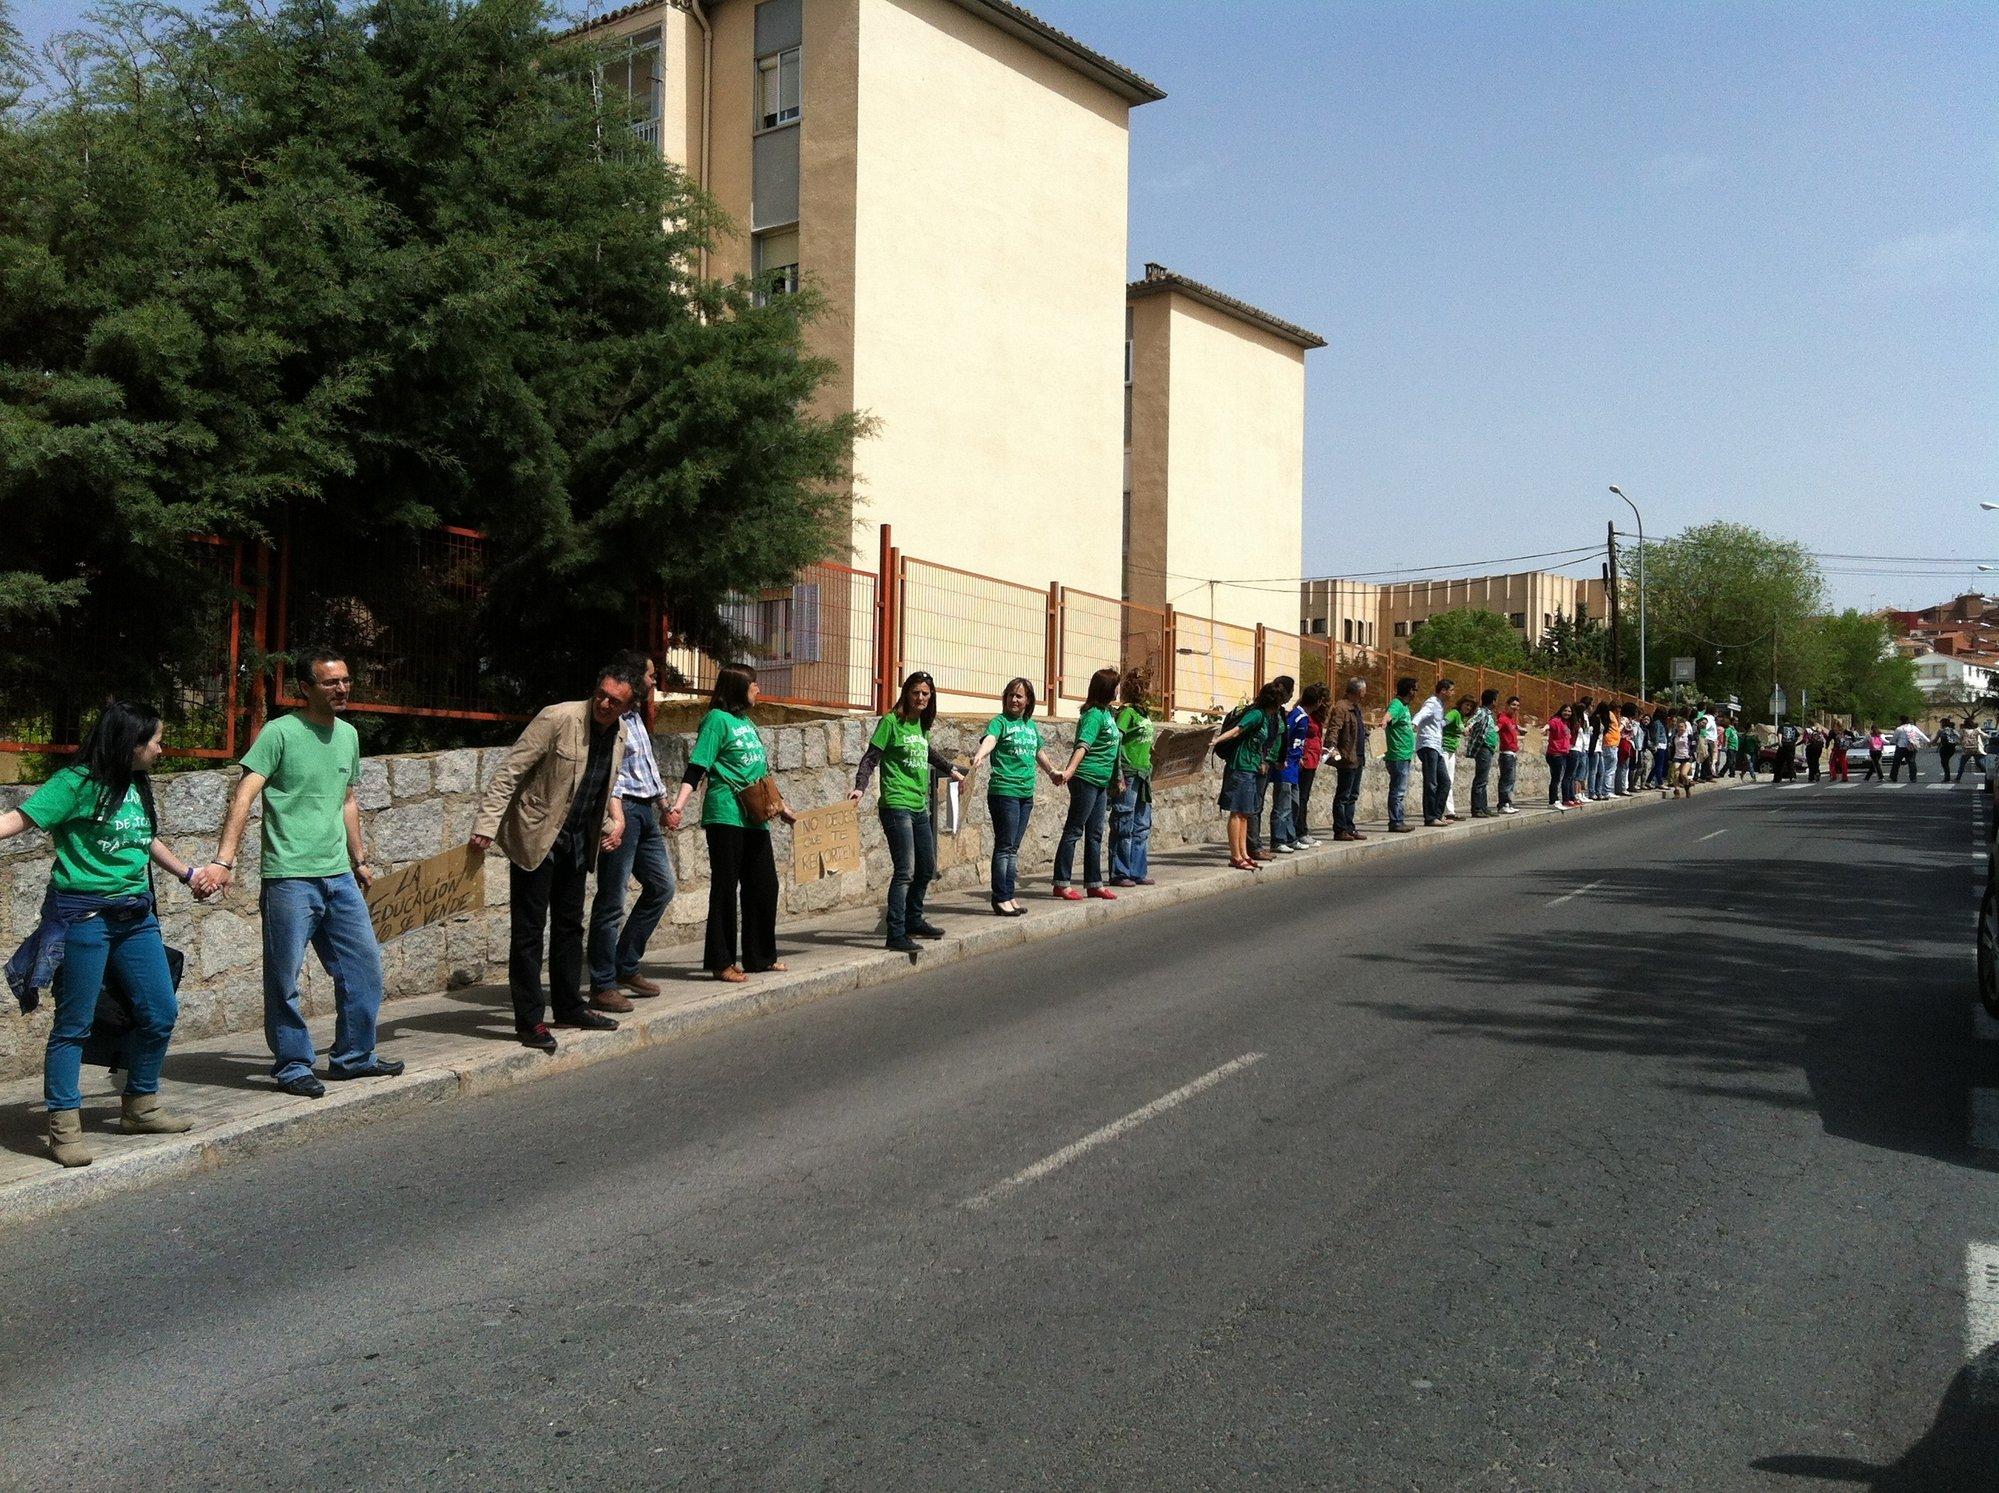 Tres institutos de Ávila realizan una cadena humana a la hora del recreo en defensa de la enseñanza pública